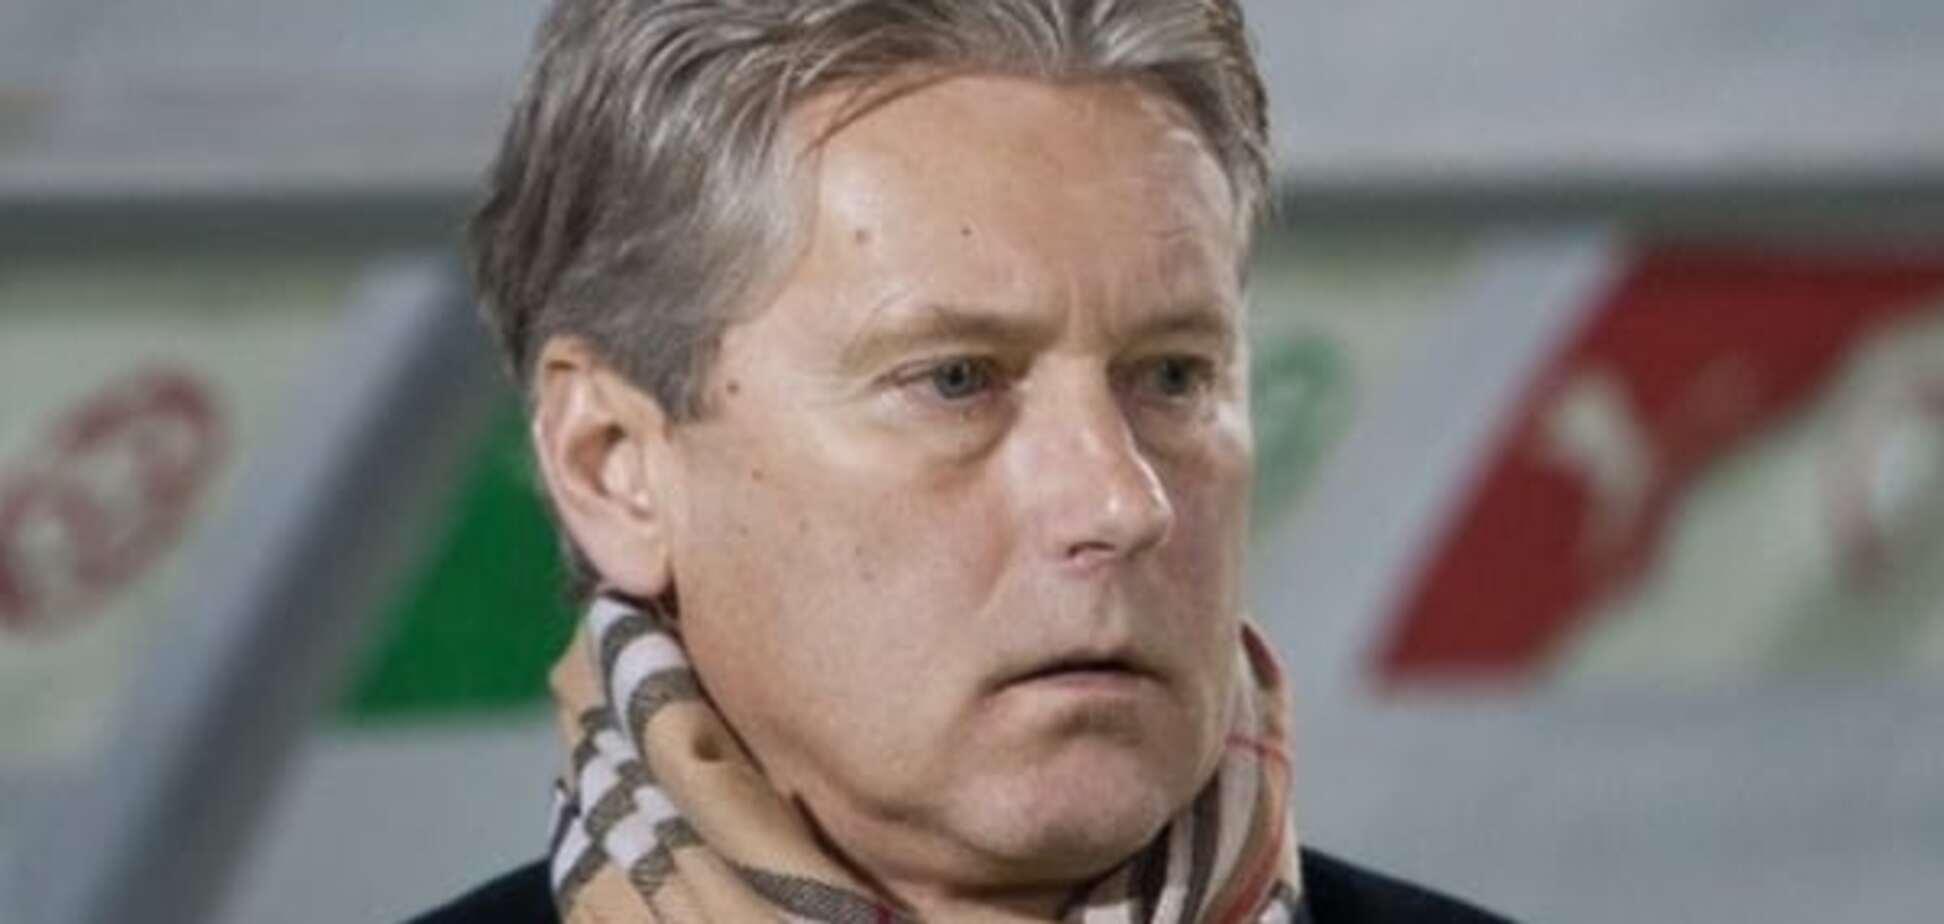 Відомий футбольний фахівець розповів про 'хворобливі втрати' у збірній України